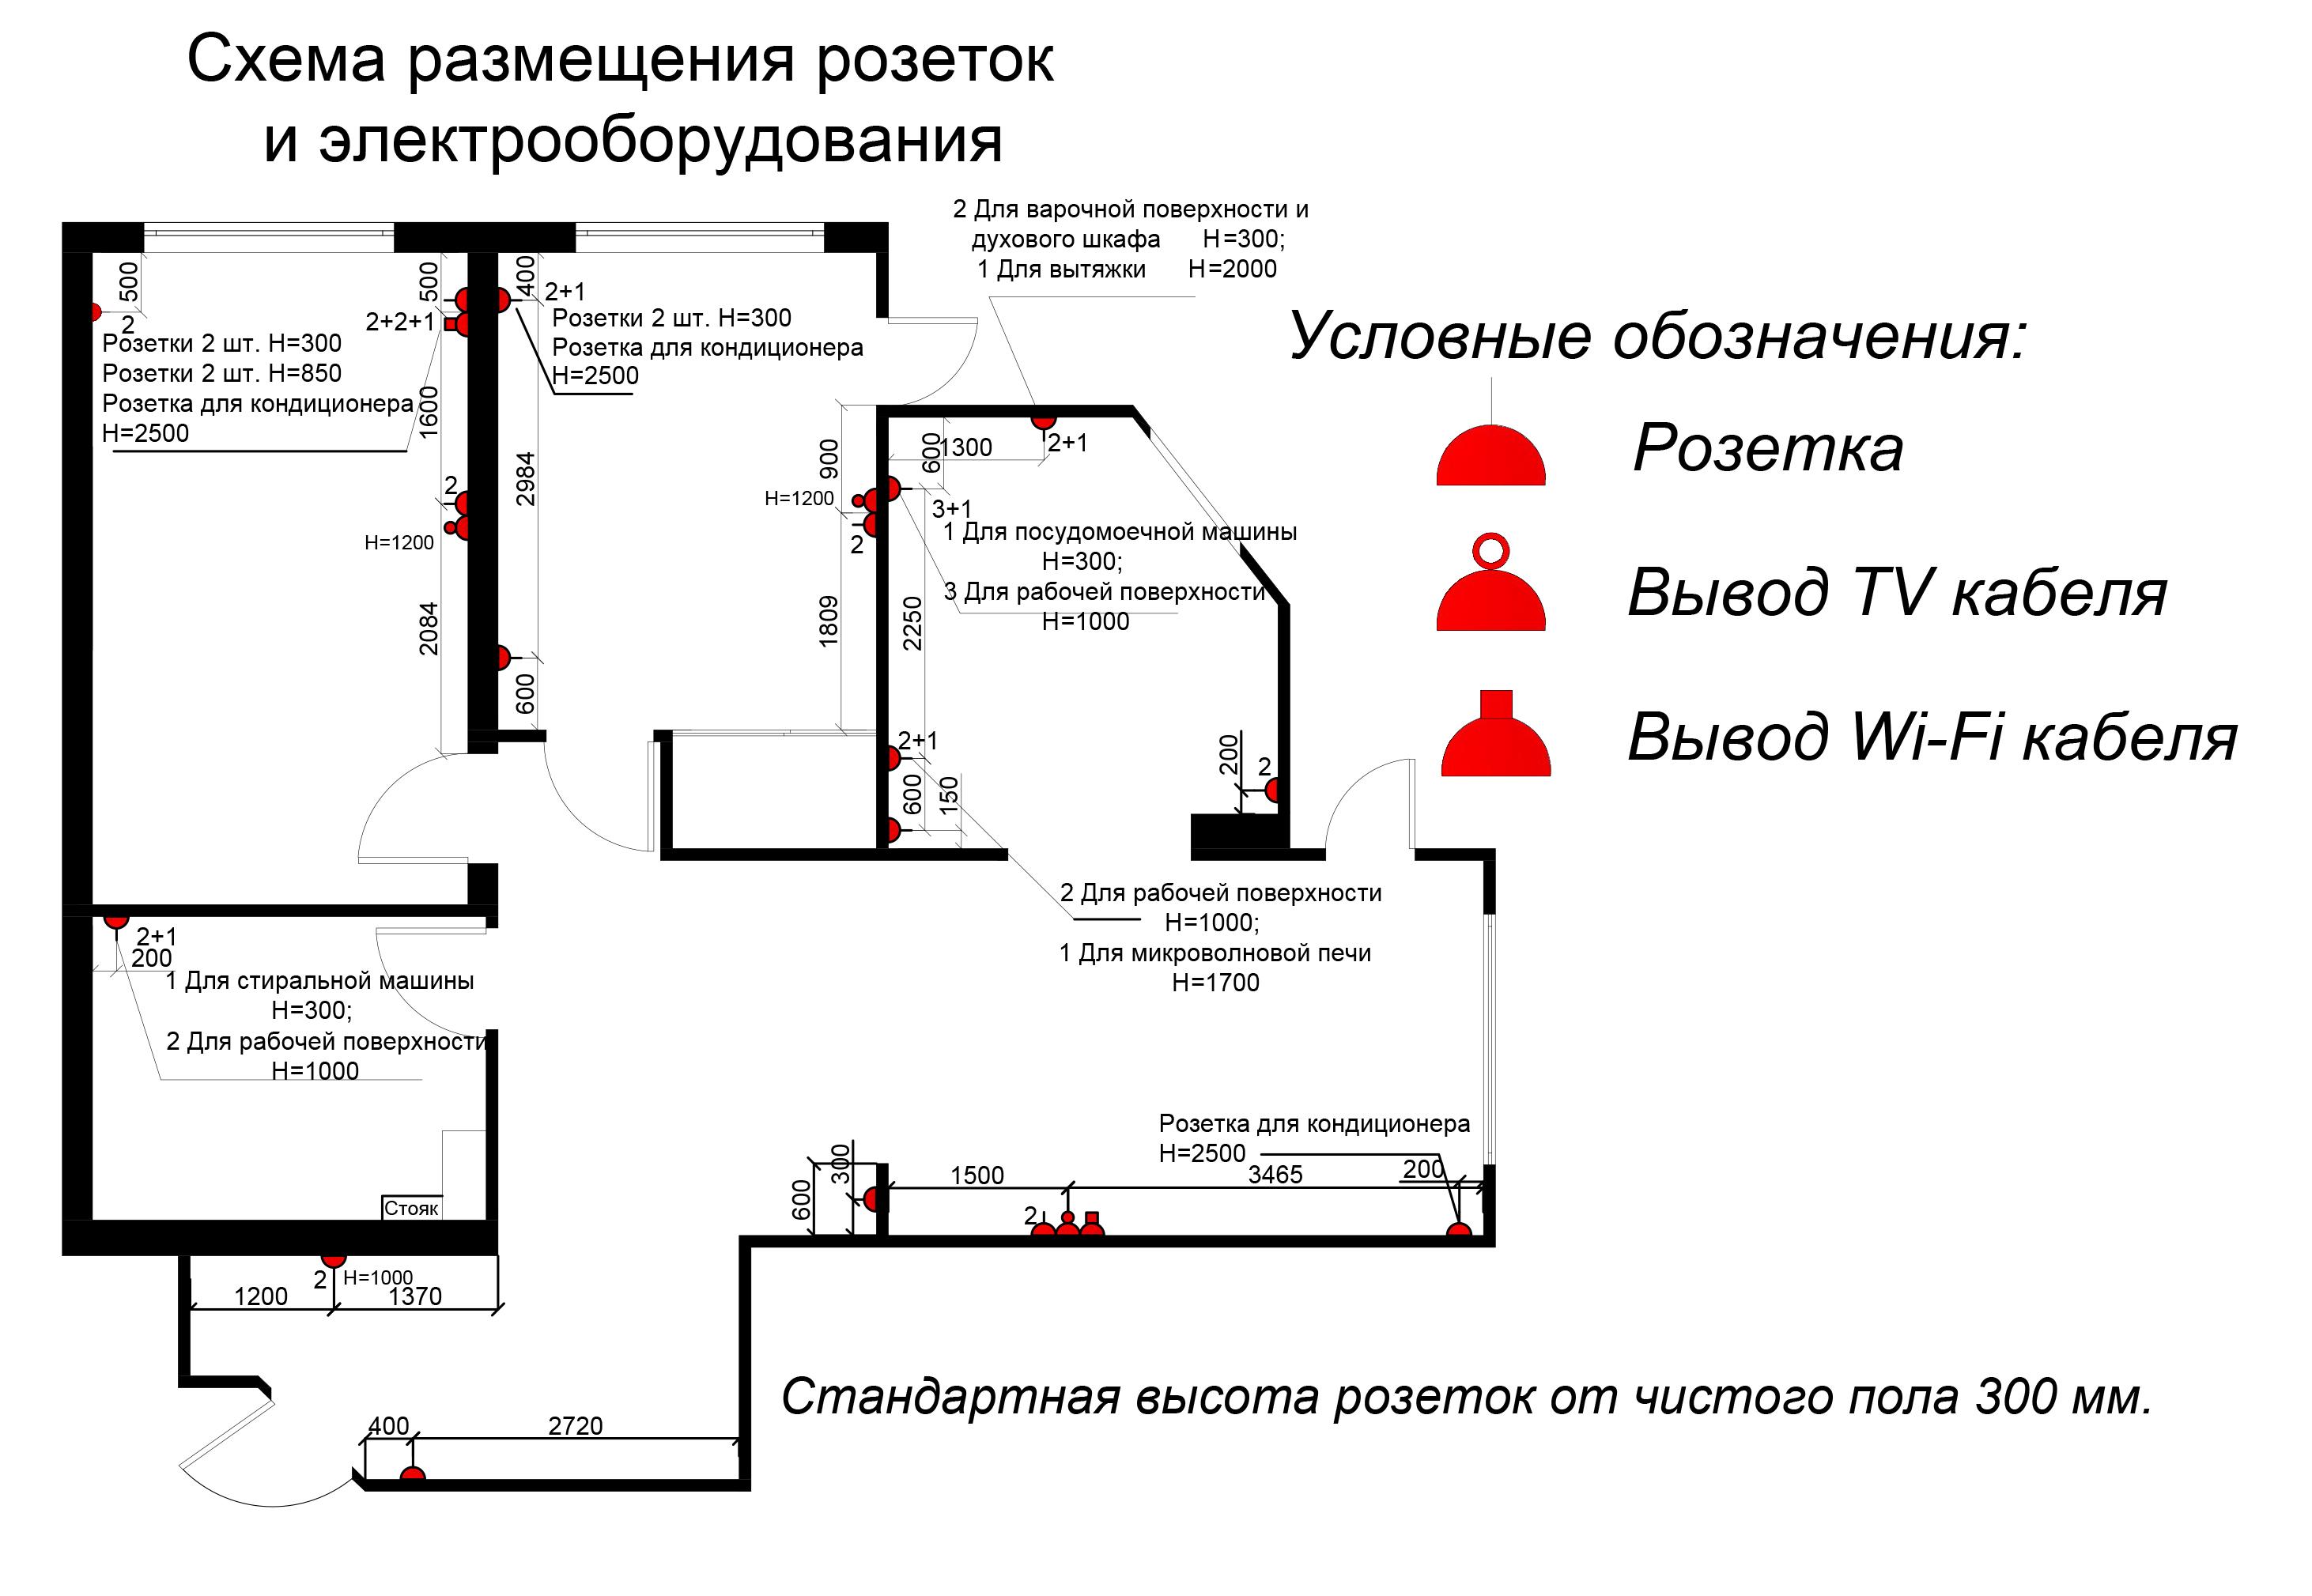 Схема размещения розеток и электрооборудования